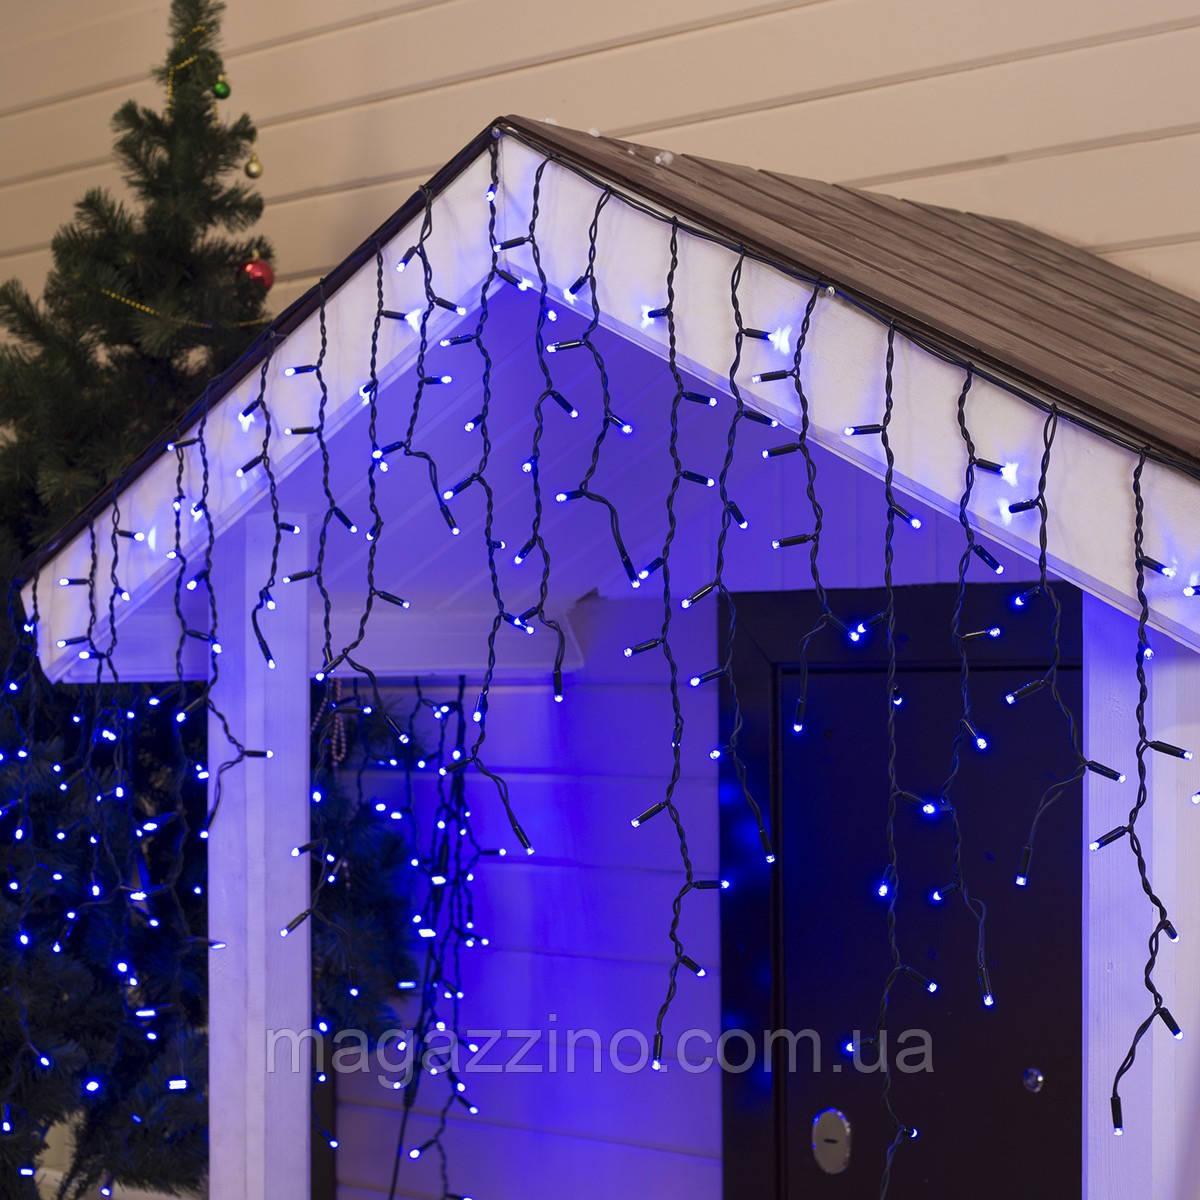 Гирлянда улица Бахрома 100 LED, Голубая (Синяя), черный провод, 5м.